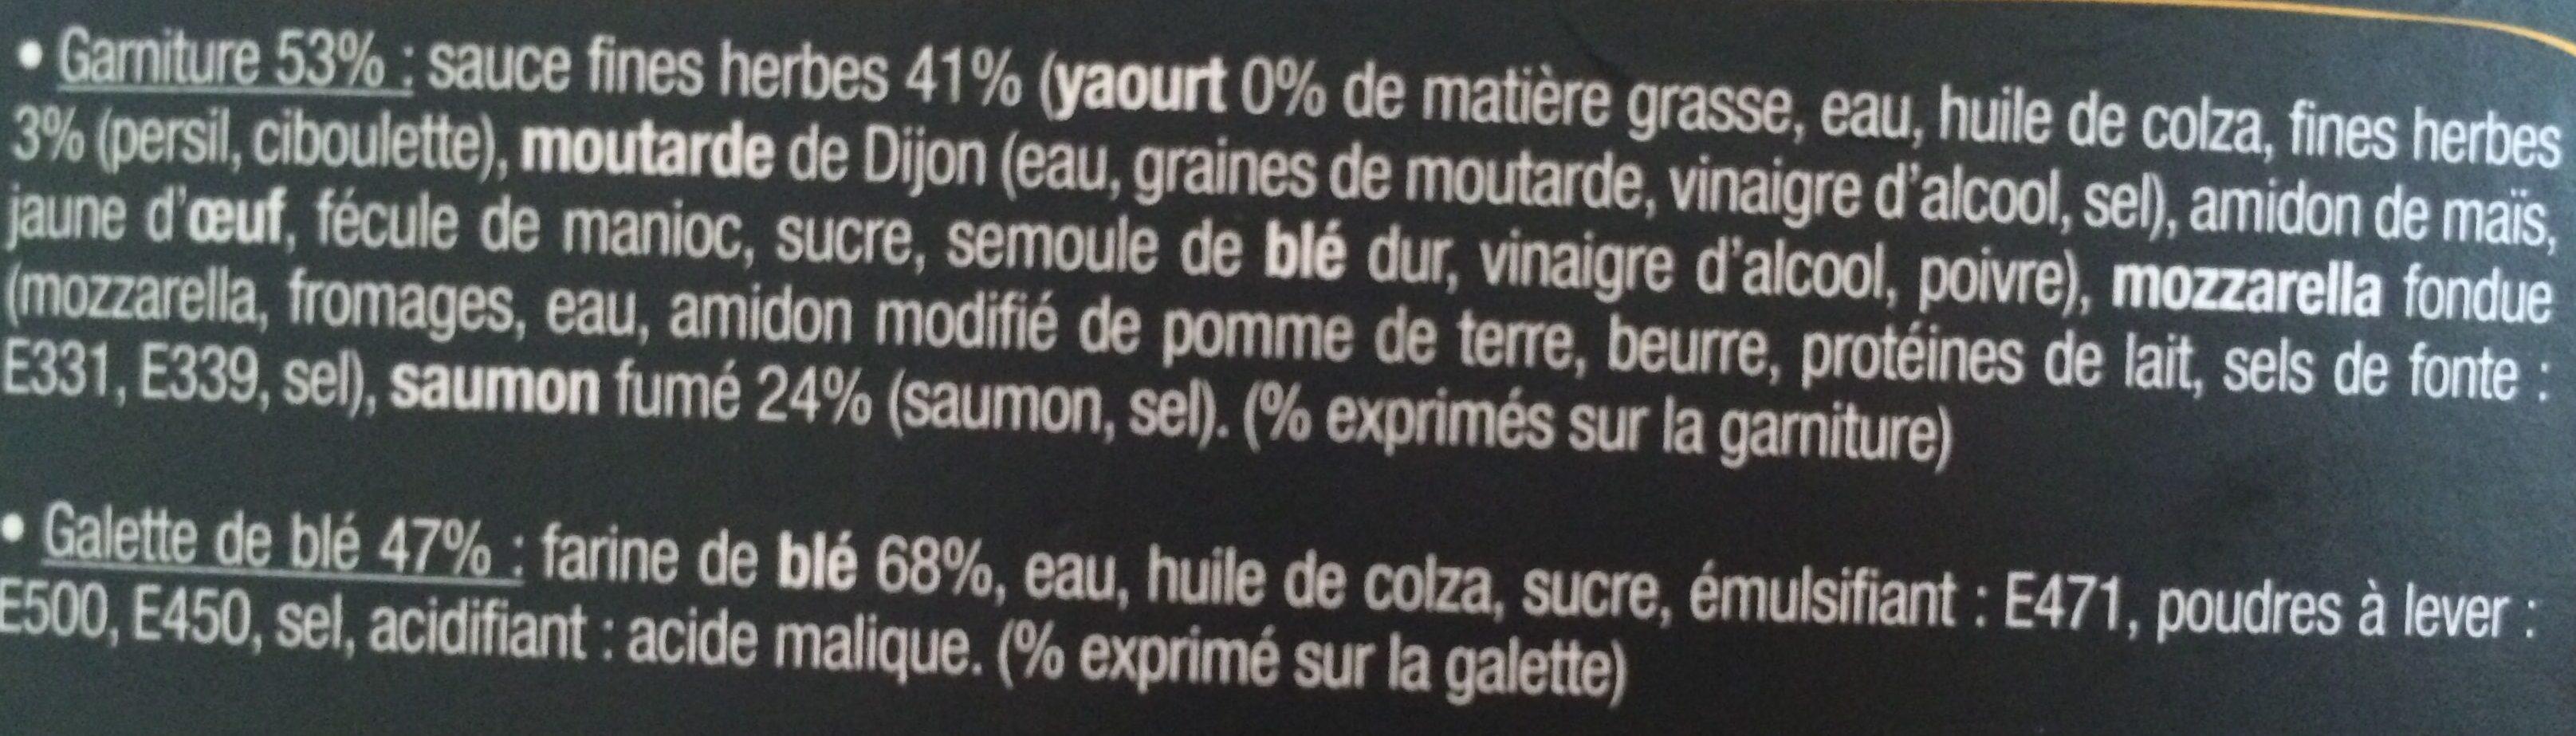 J'ai envie d'un wrap - Saumon fumé - Ingredients